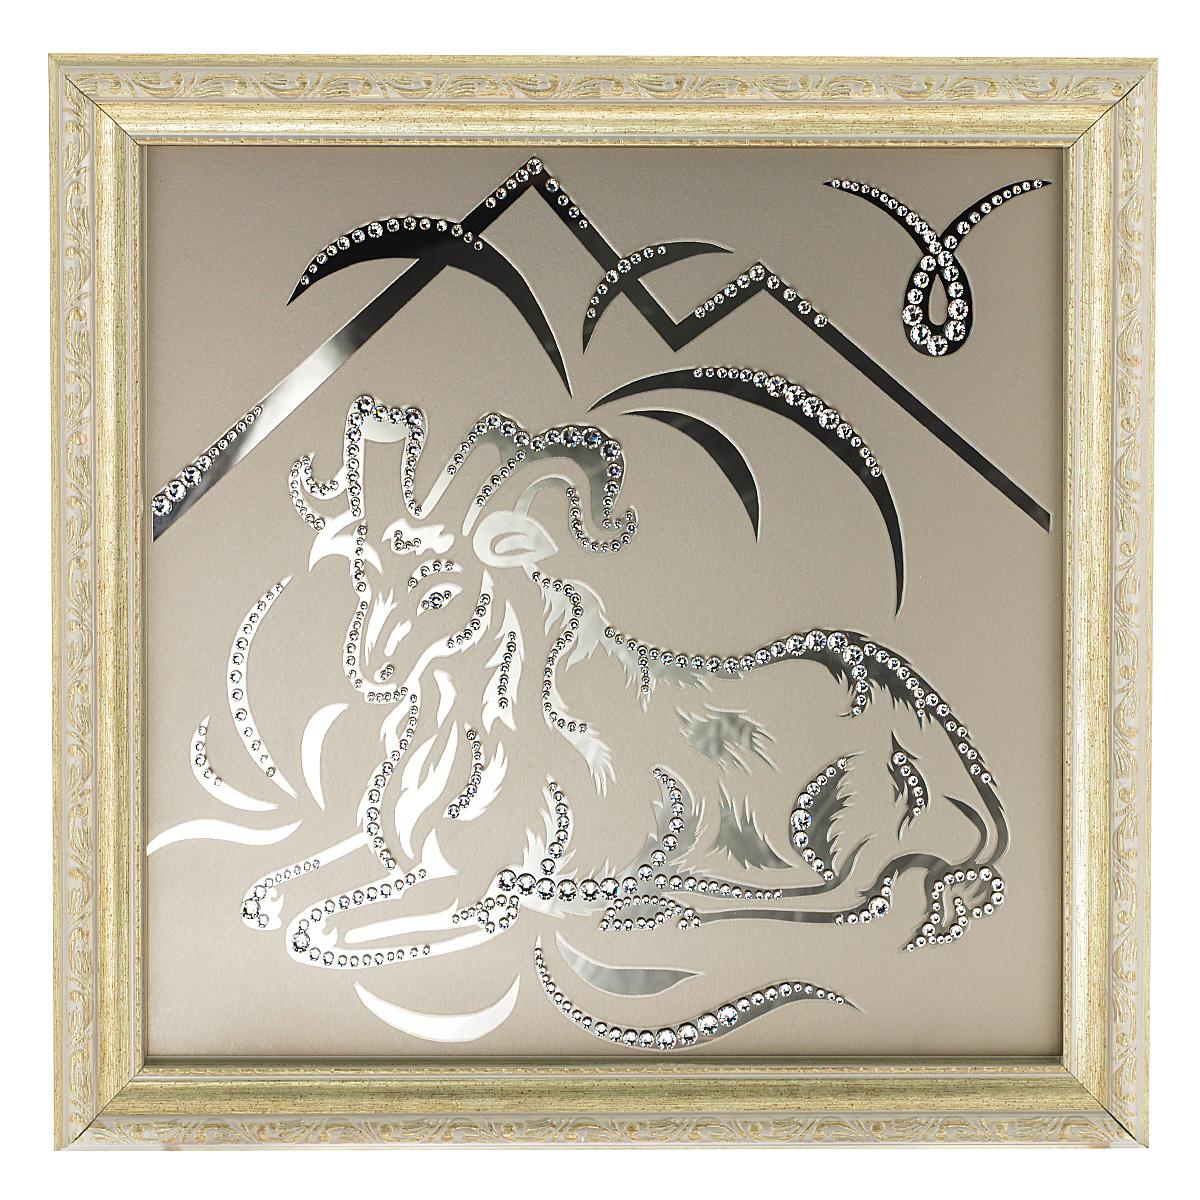 Картина с кристаллами Swarovski Знак зодиака. Овен, 35 см х 35 см1138Изящная картина в багетной раме Знак зодиака. Овен инкрустирована кристаллами Swarovski, которые отличаются четкой и ровной огранкой, ярким блеском и чистотой цвета. Идеально подобранная палитра кристаллов прекрасно дополняет картину. С задней стороны изделие оснащено проволокой для размещения на стене. Картина с кристаллами Swarovski элегантно украсит интерьер дома, а также станет прекрасным подарком, который обязательно понравится получателю. Блеск кристаллов в интерьере - что может быть сказочнее и удивительнее. Изделие упаковано в подарочную картонную коробку синего цвета и комплектуется сертификатом соответствия Swarovski.